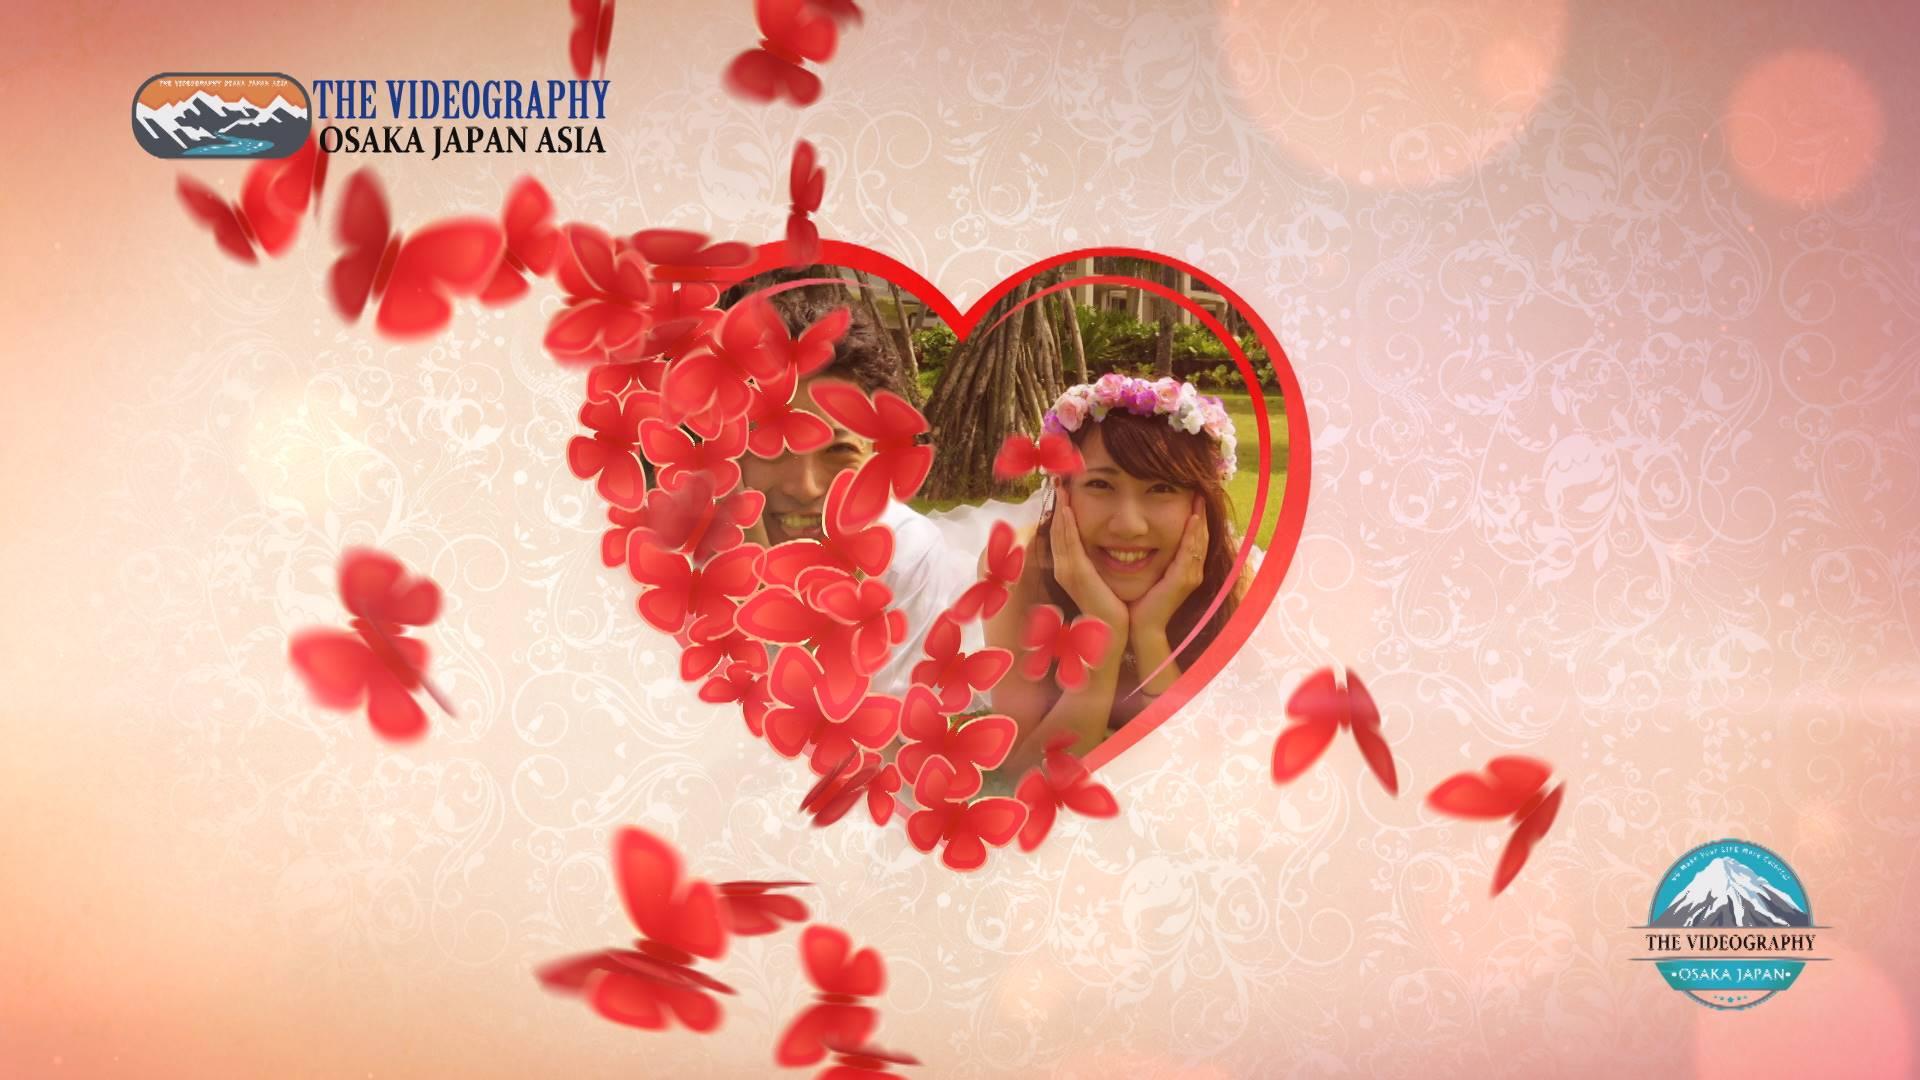 プロポーズ・サプライズビデオやバレンタイン、誕生日のプレゼントDVD / LoveStoryDVD for Proposal Valentine Happy Birthday